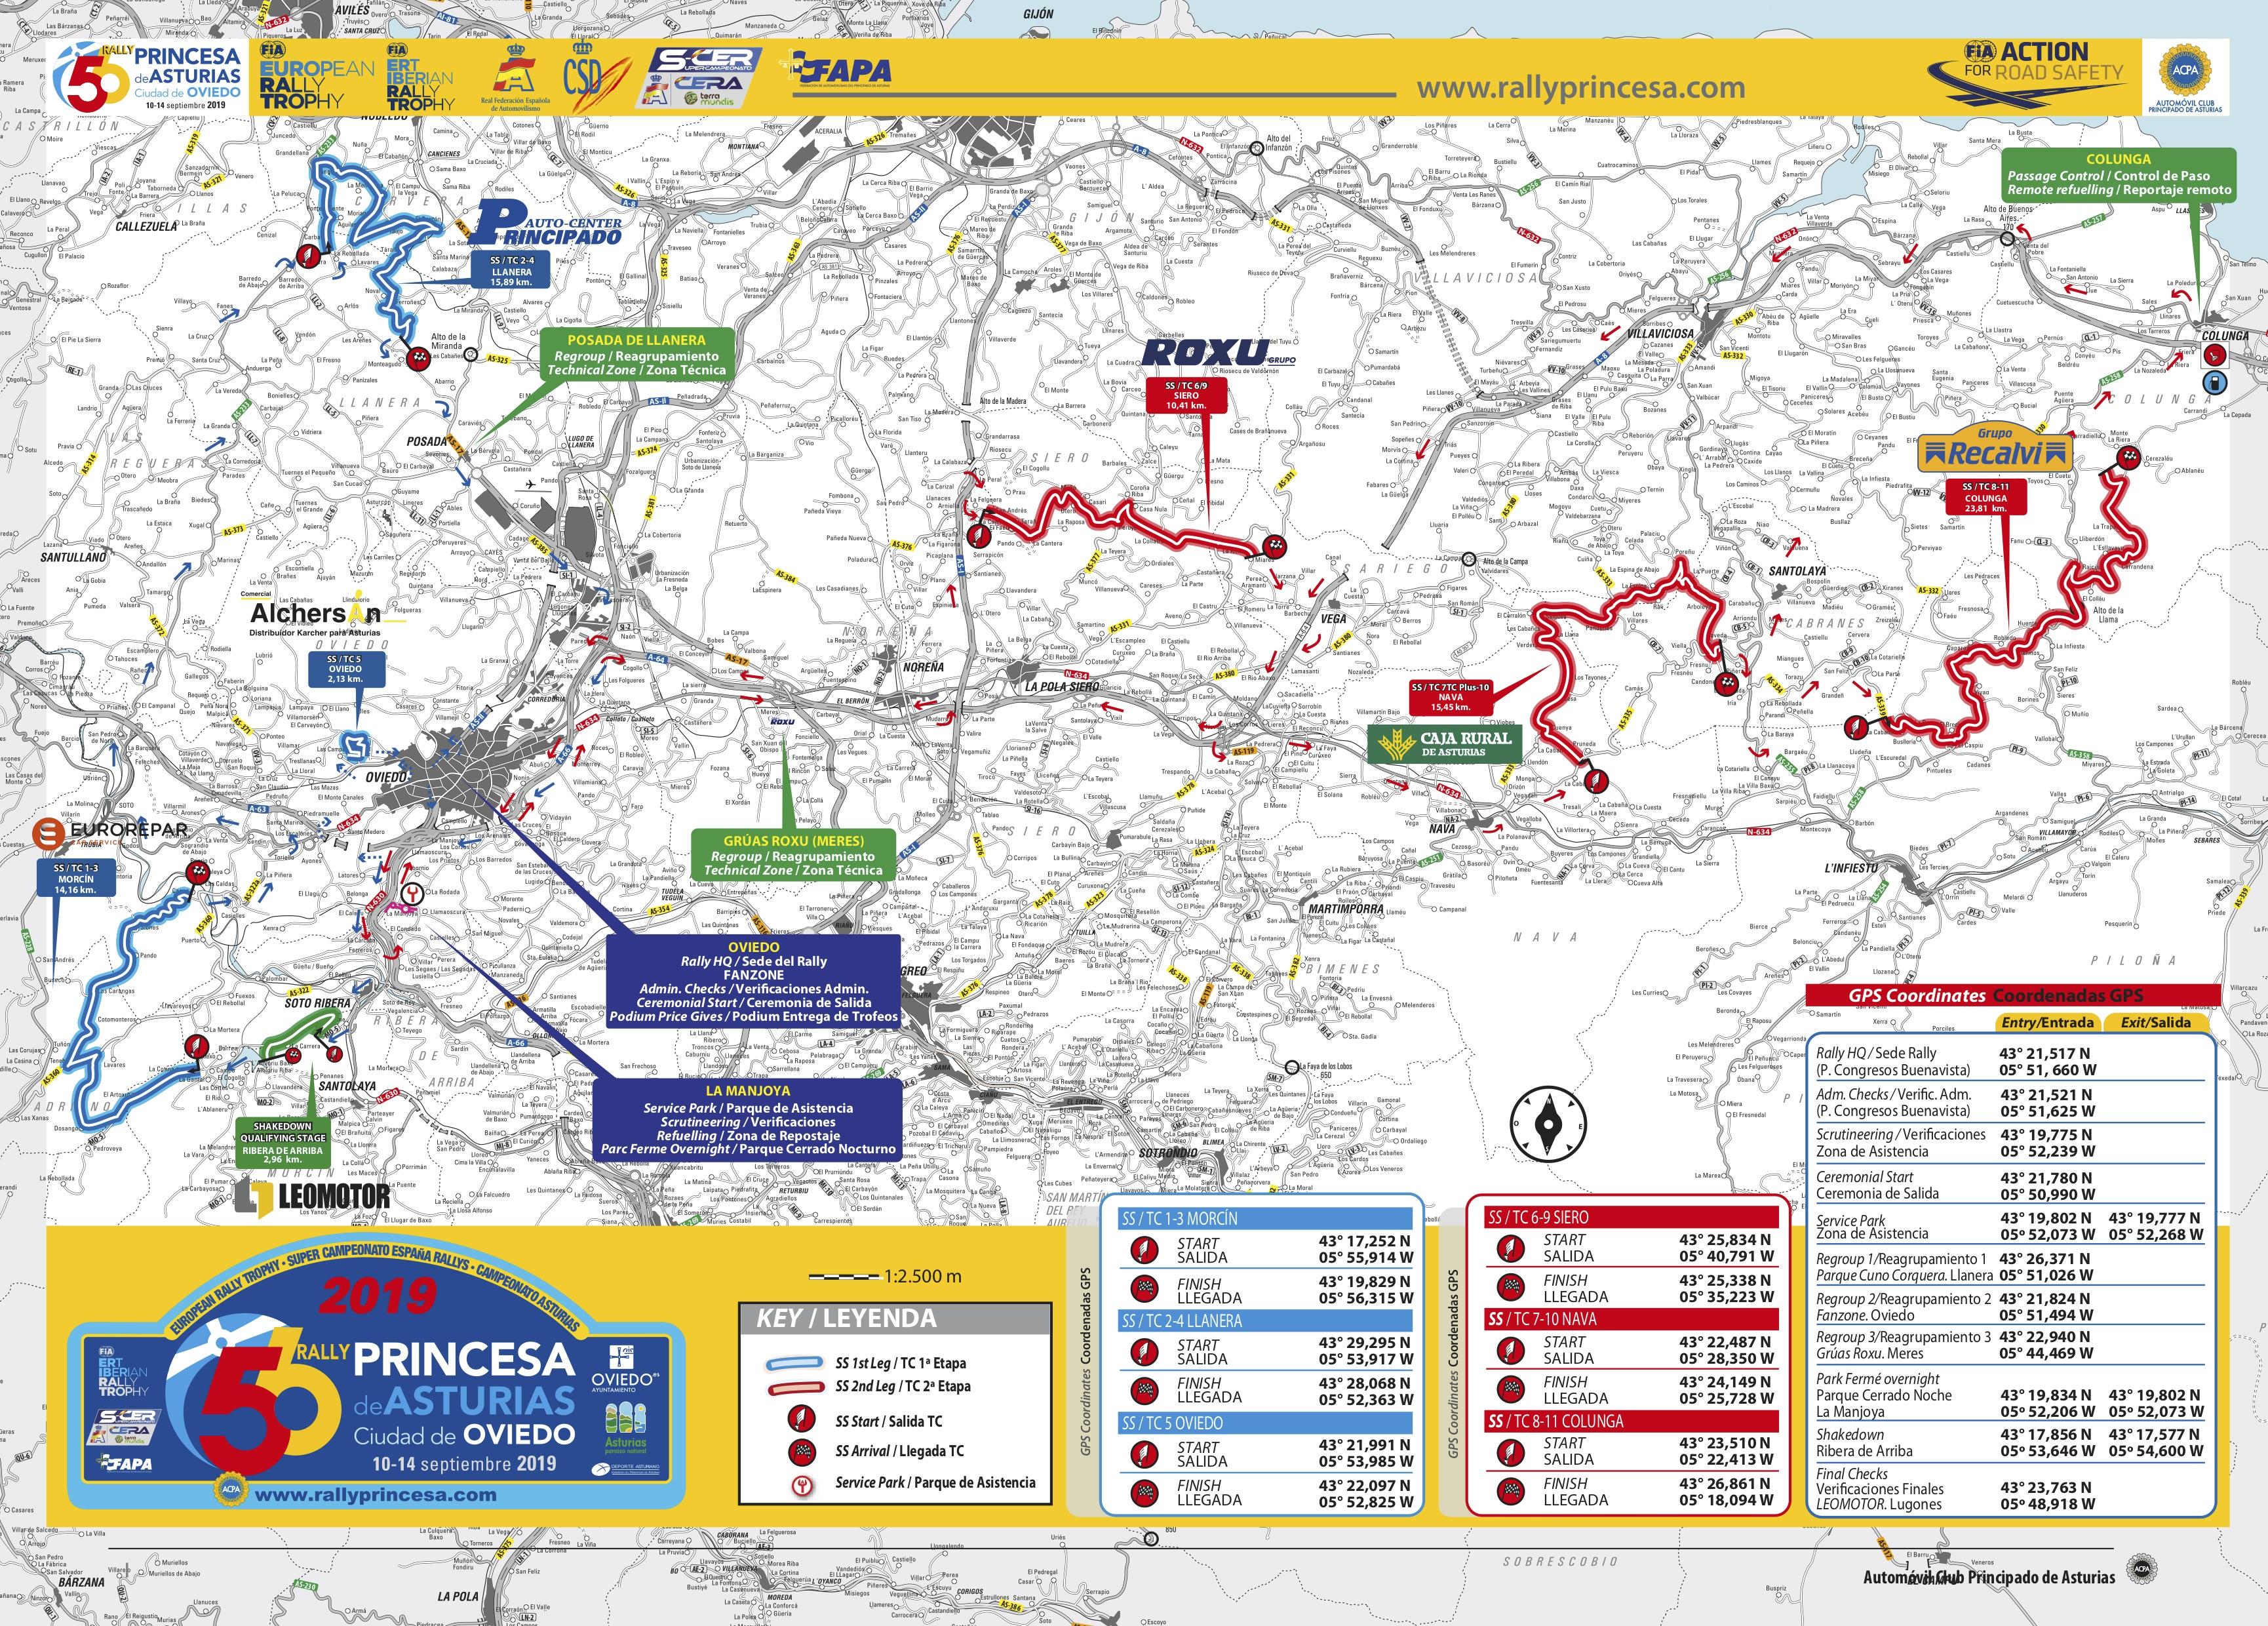 SCER + CERA: 56º Rallye Princesa de Asturias - Ciudad de Oviedo [10-14 Septiembre] MAPA-FIA-RPA-2019